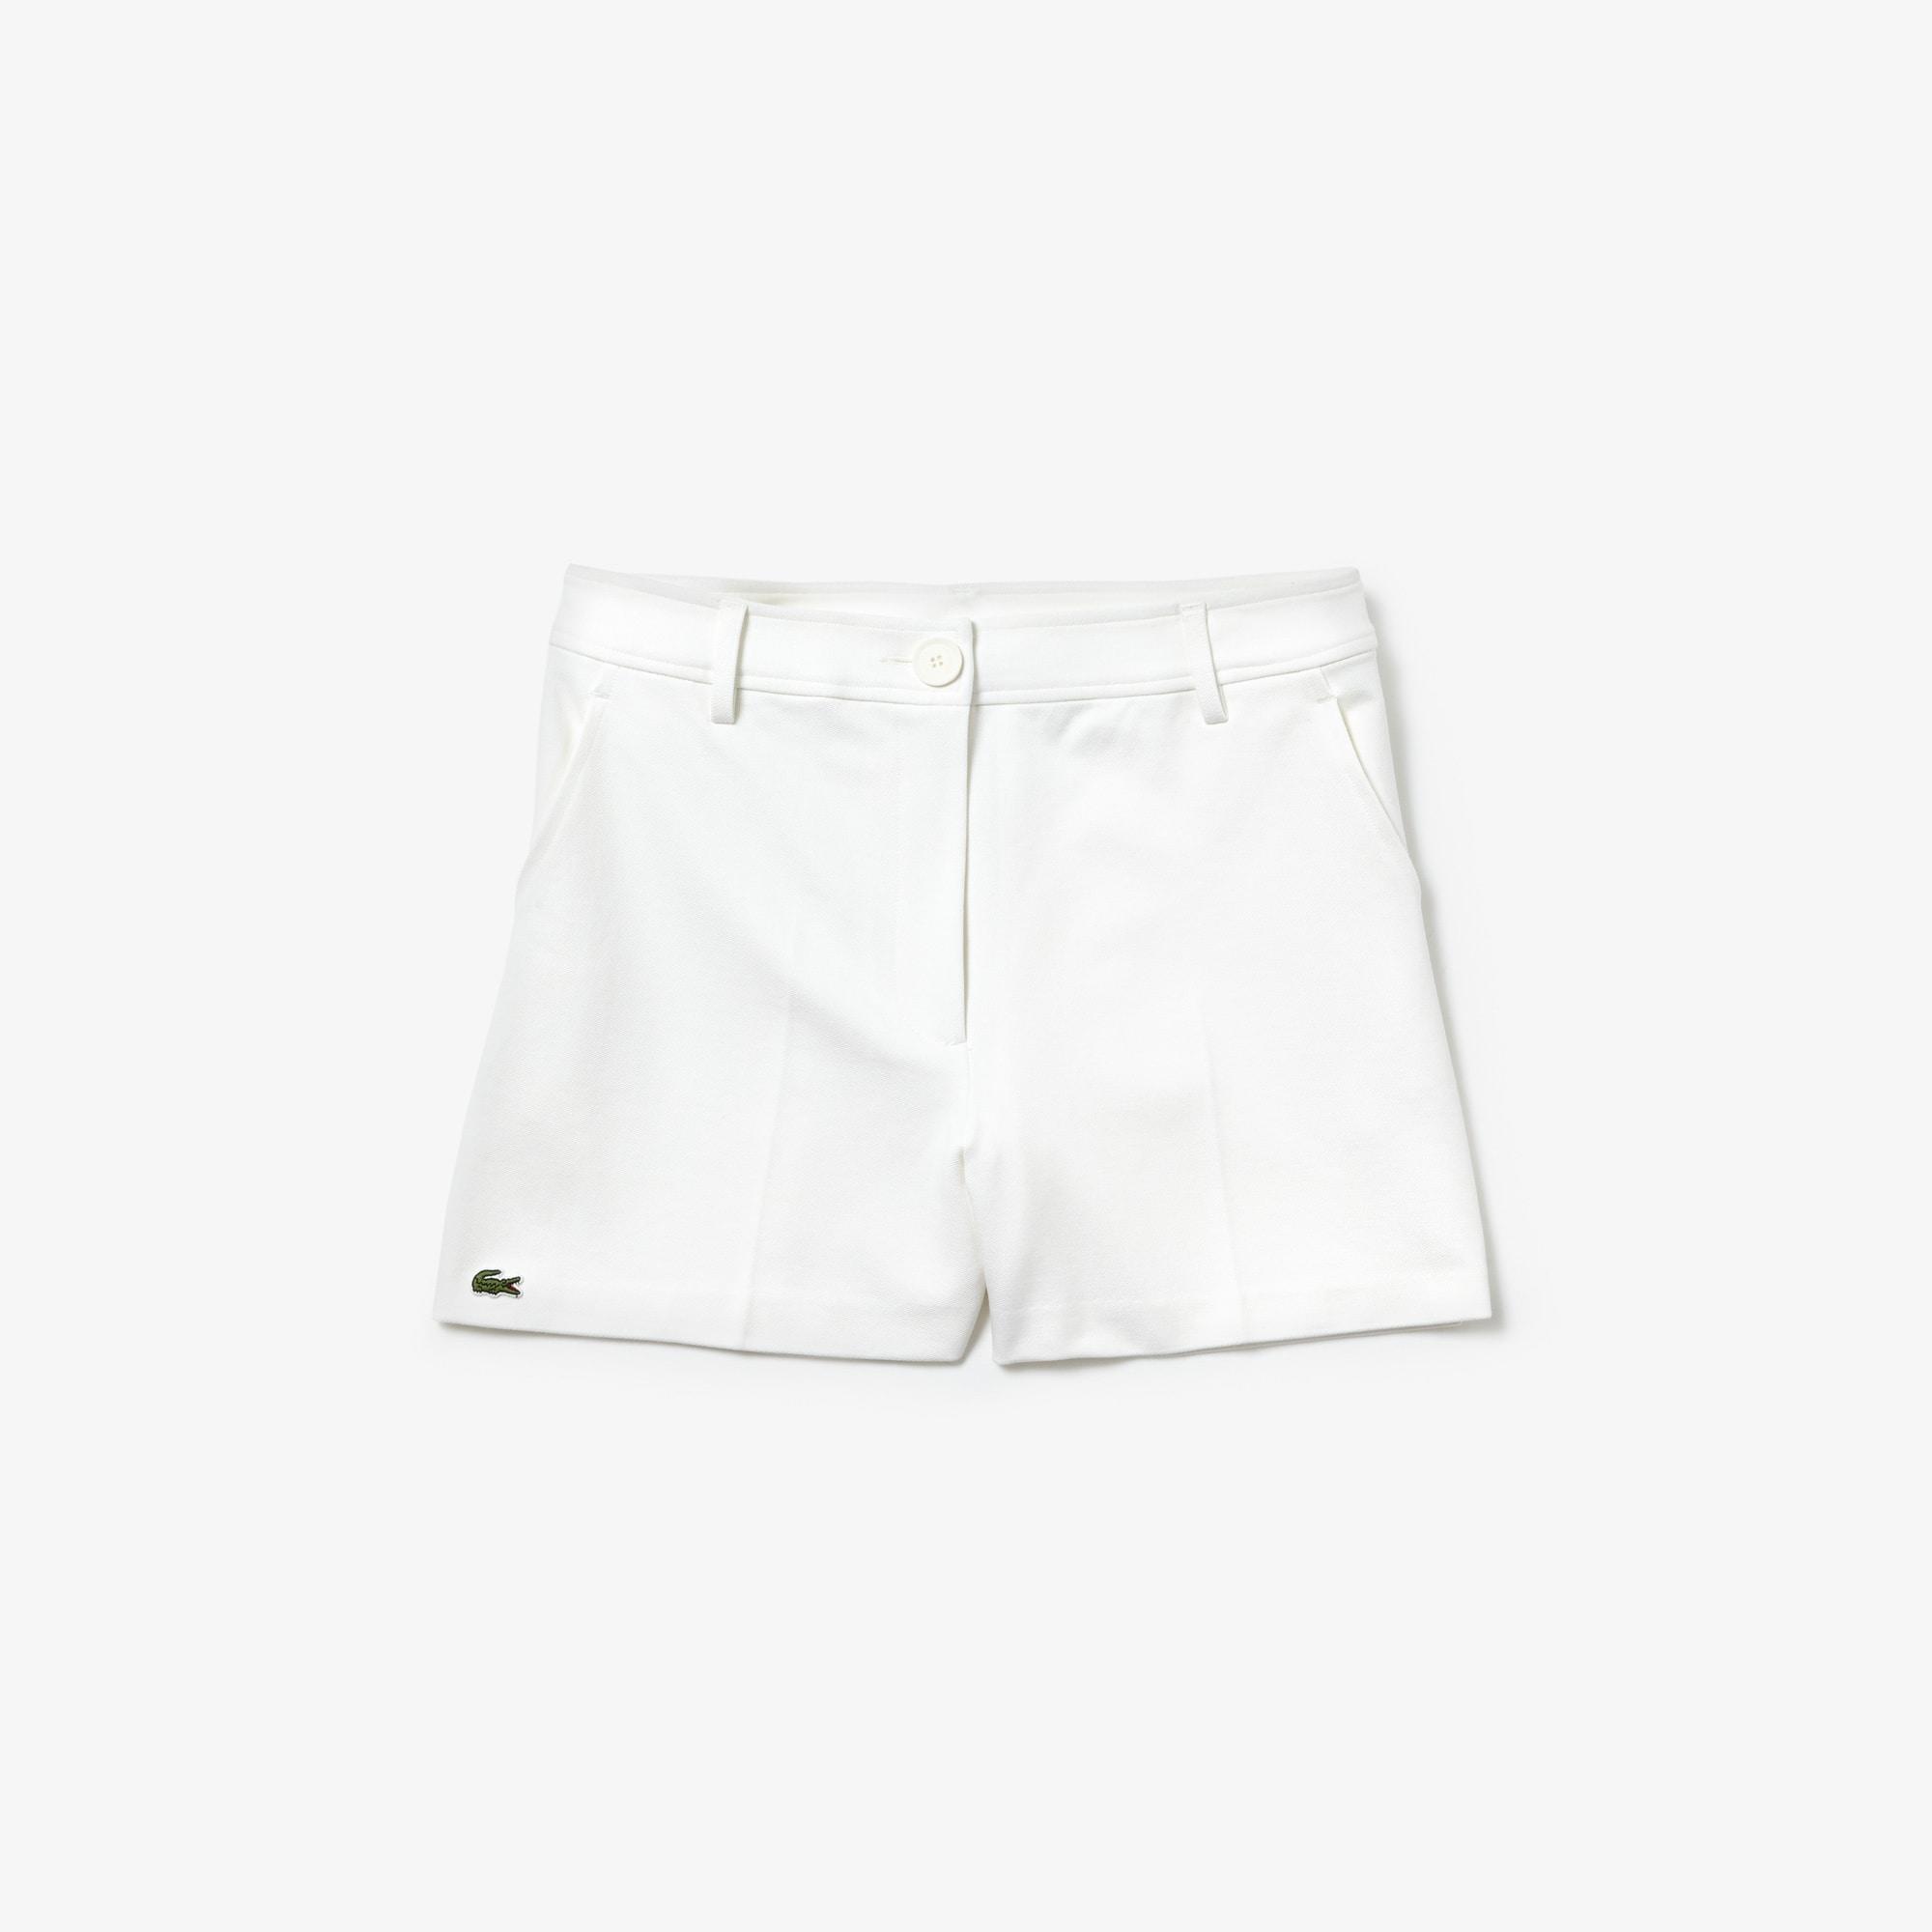 라코스테 Lacoste Womens Pleated Technical Knit Shorts,White - 70V (Selected color)